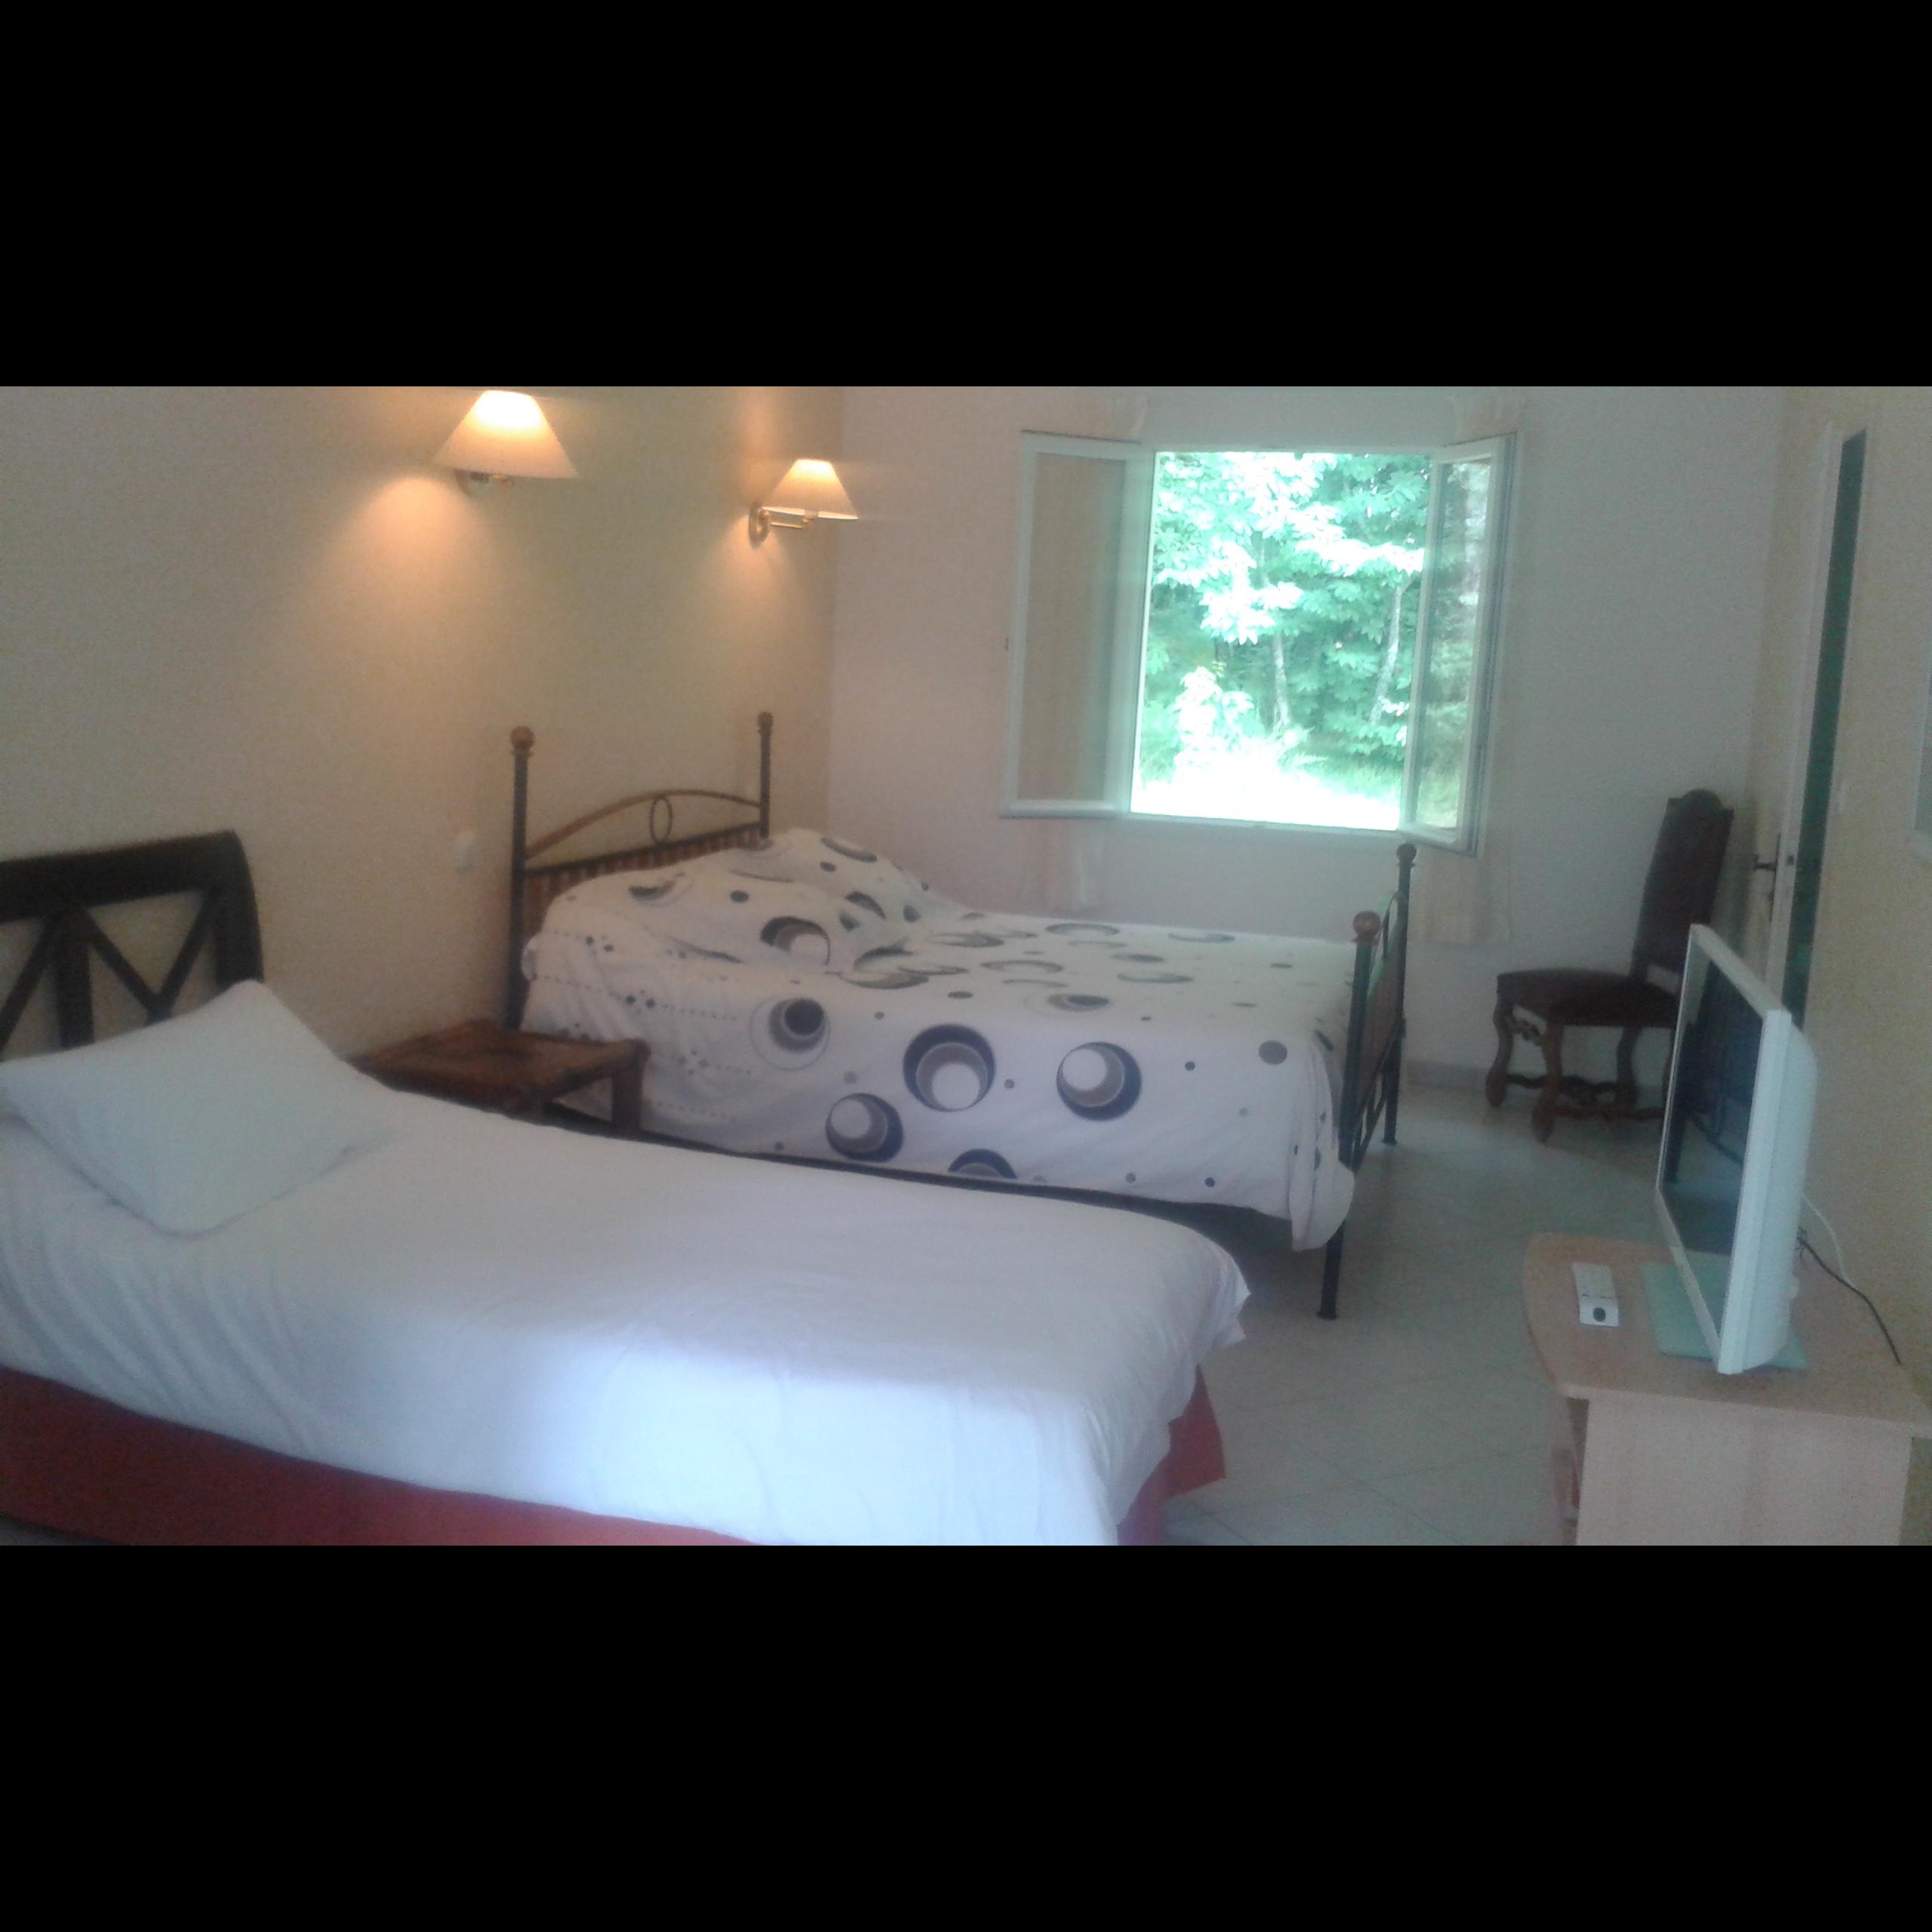 Chambre d 39 h tes spacieuse proximit d 39 angoul me chambres d 39 h te dirac cl vacances - Chambre d hotes angouleme ...